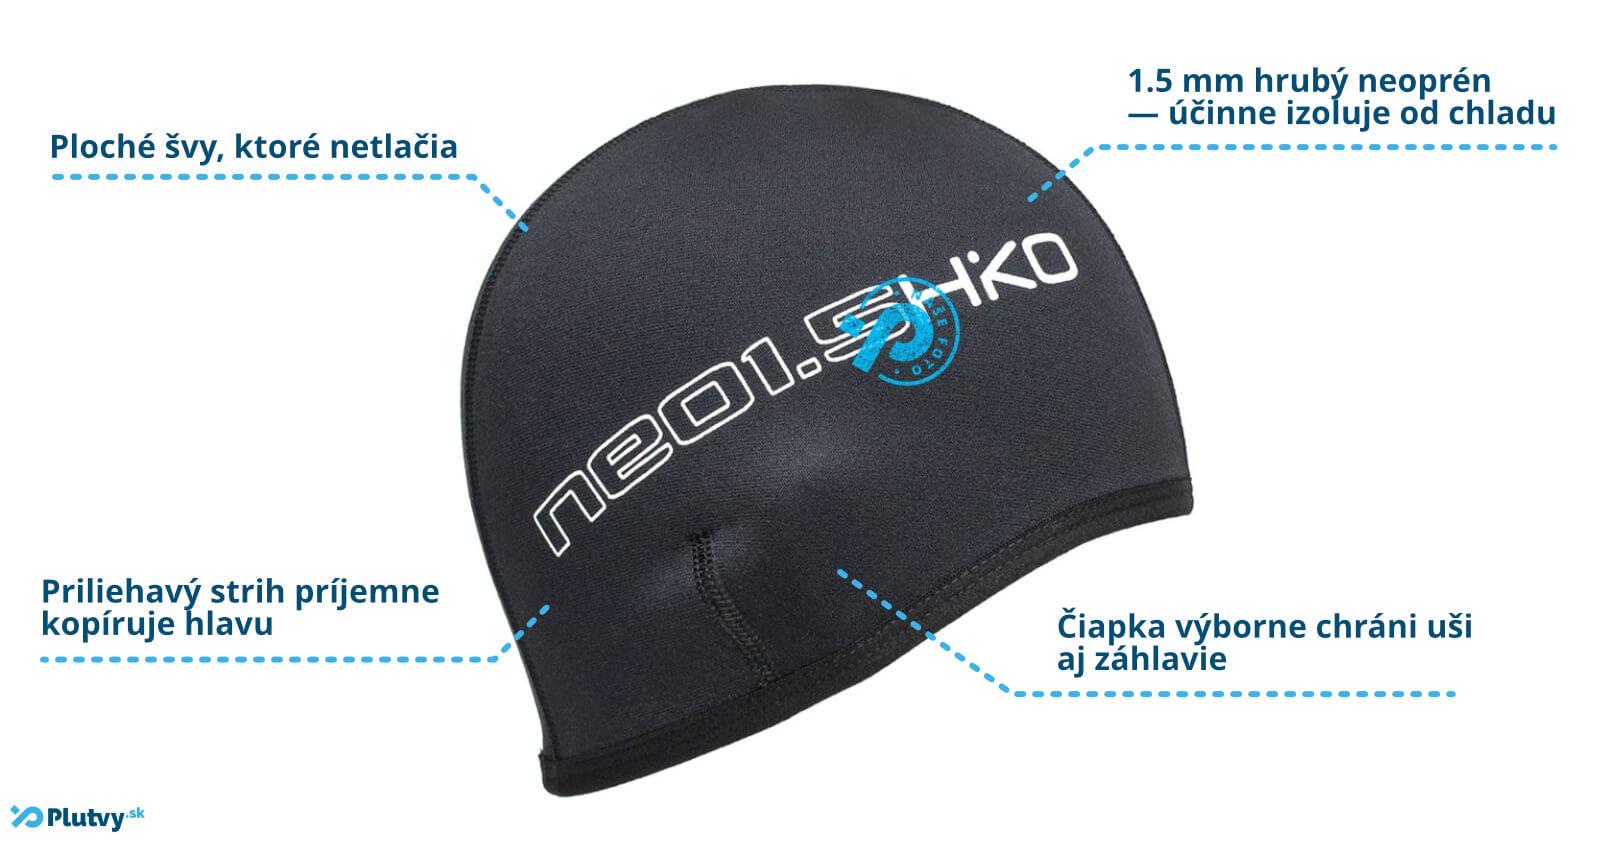 Neoprénová čiapka Hiko Neo 1.5mm pre otužilcov a vodákov v Plutvy.sk, Bratislava